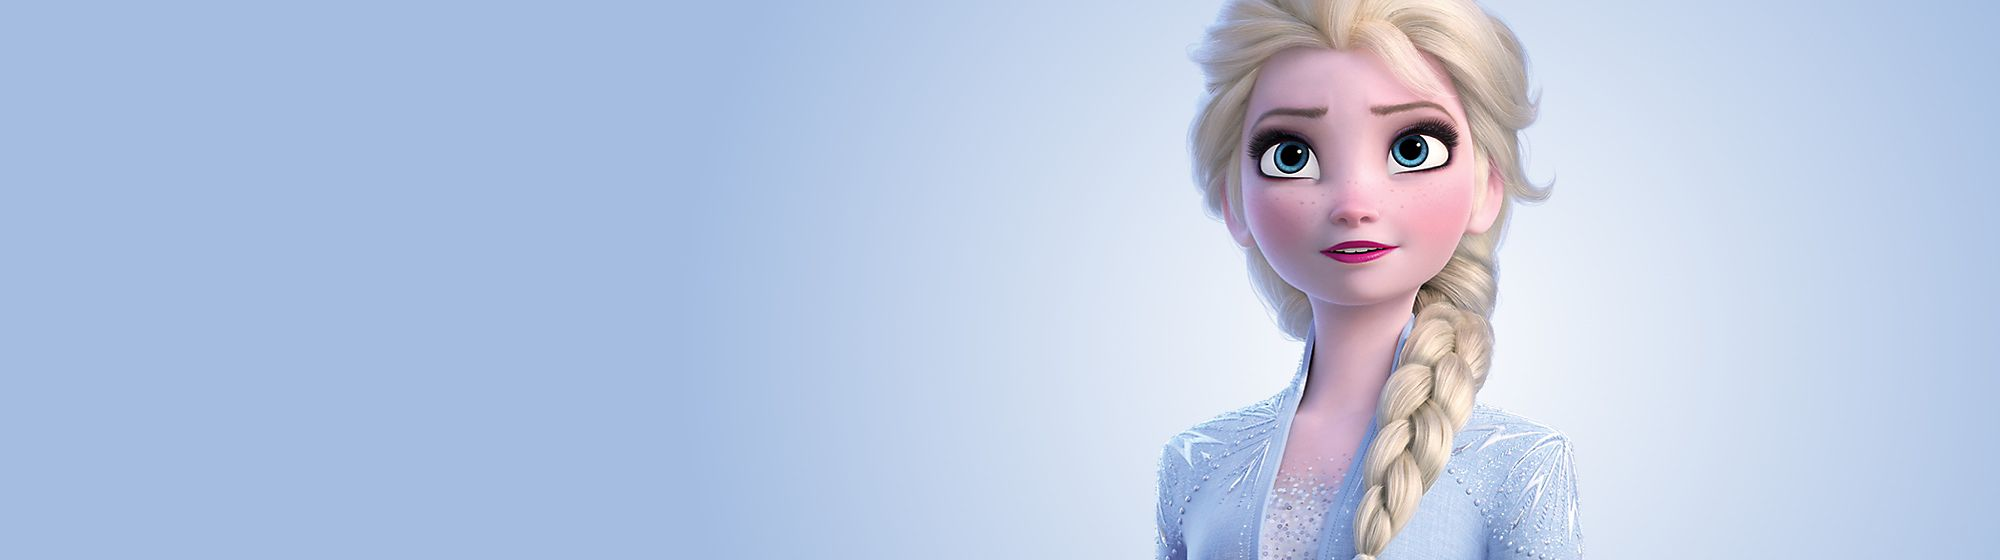 Elsa Entra nel mondo di Arendelle con gli esclusivi costumi, le bambole e gli accessori dedicati ad Elsa di Frozen Il Regno di Ghiaccio